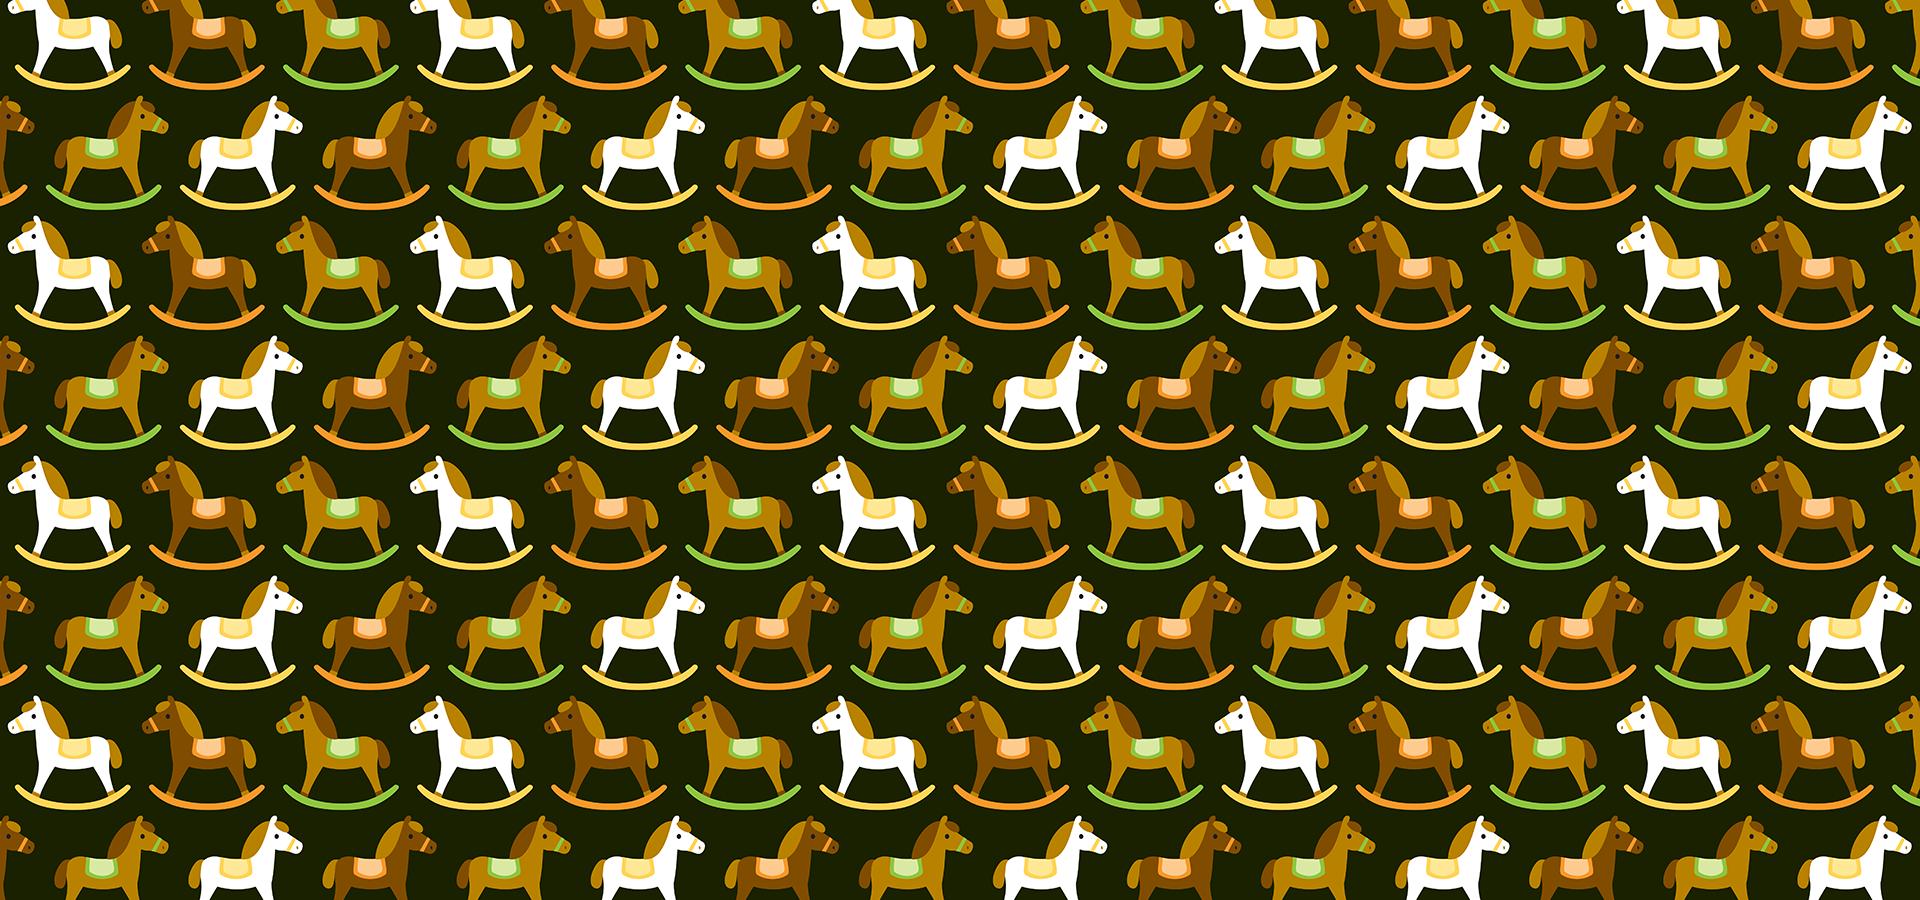 Motif chevaux à bascule